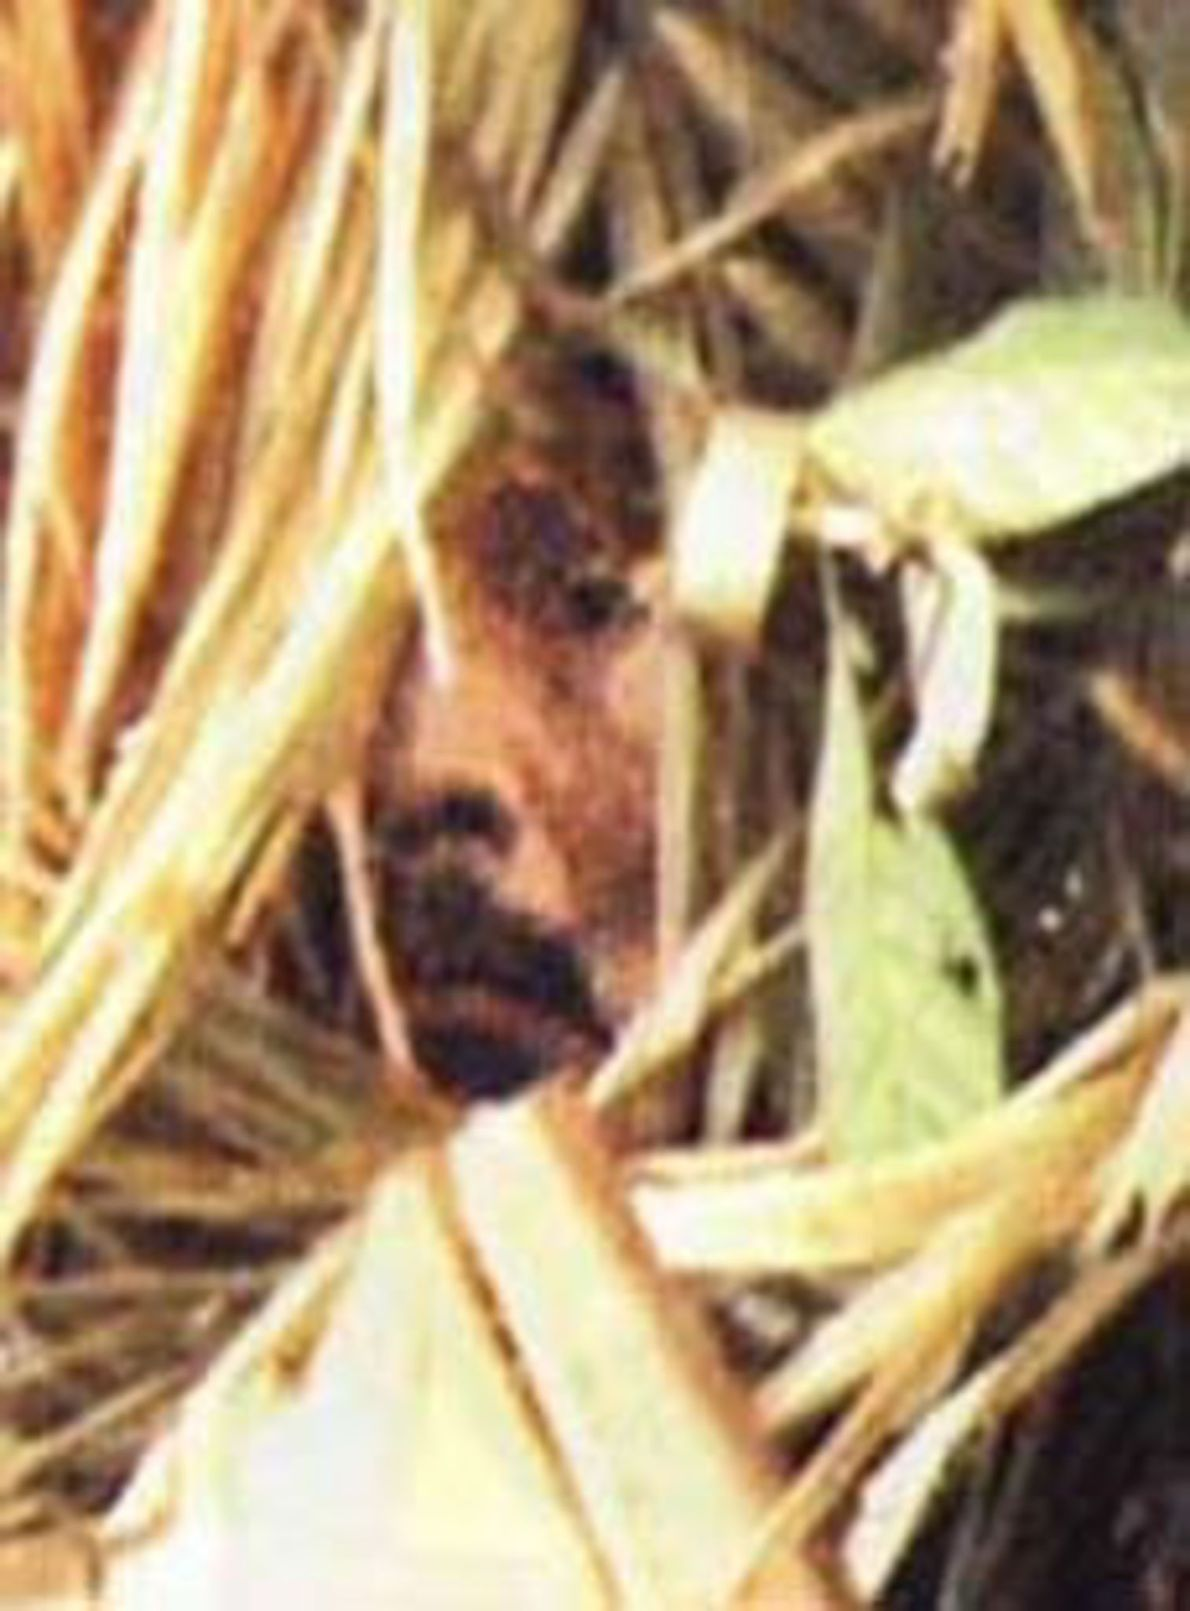 """Image agrandie du documentaire de Vincent Carelli, sorti en 2009 et intitulé """"Corumbiara"""". On y voit ..."""